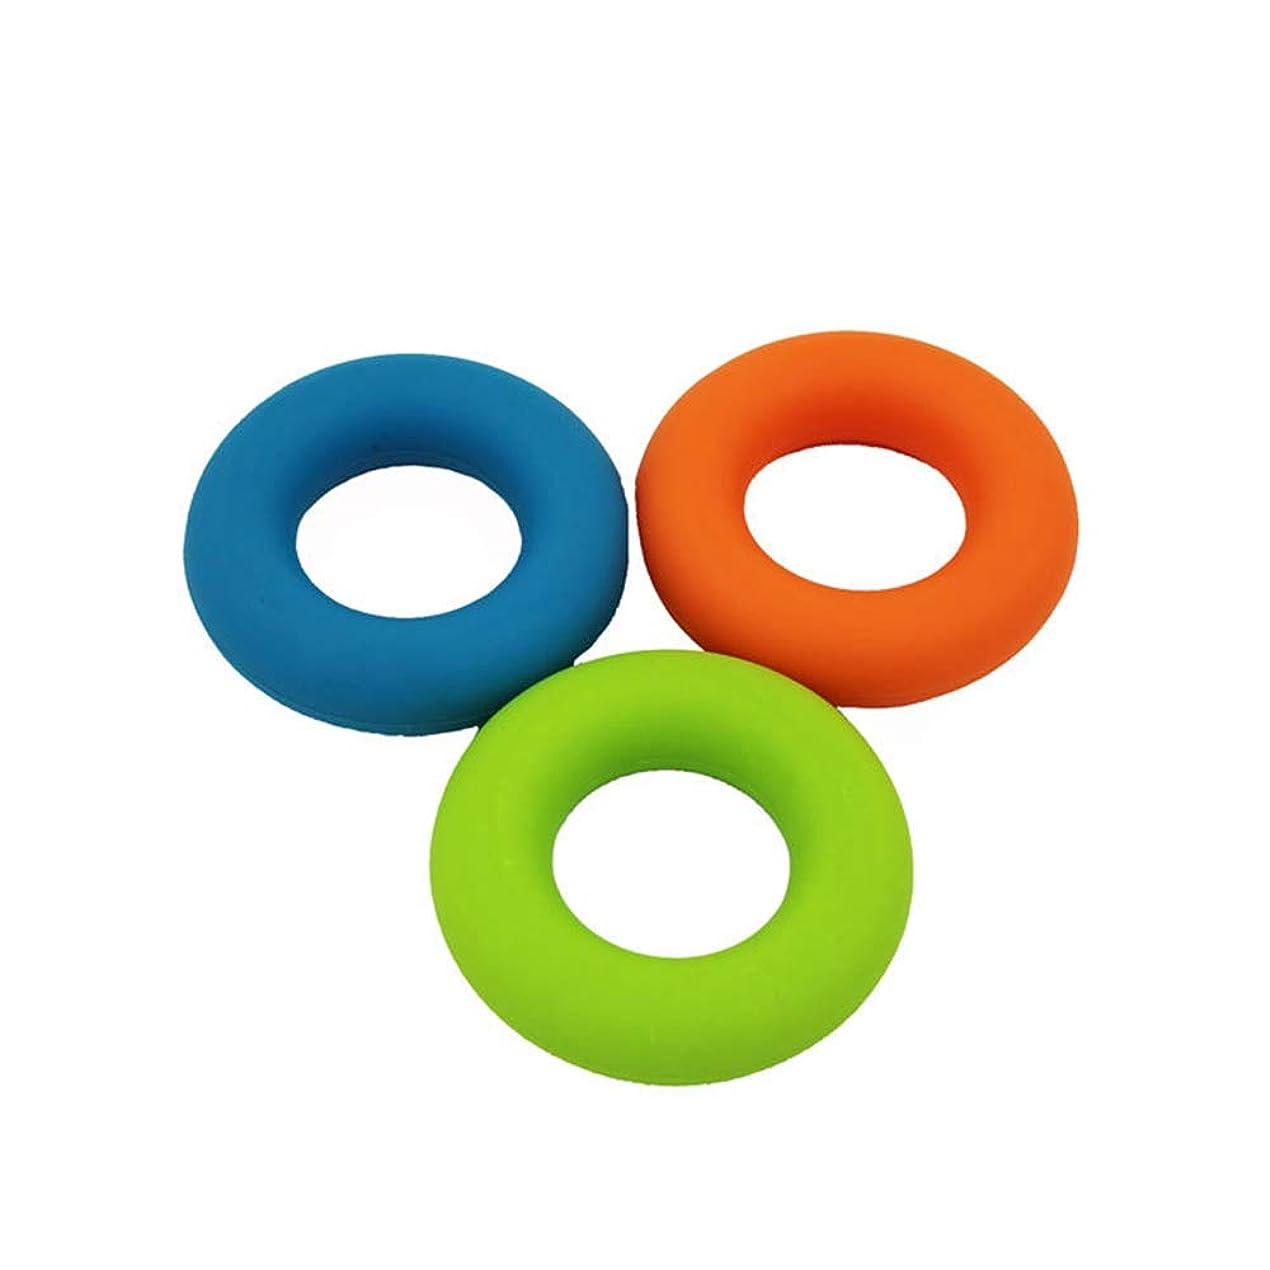 歩き回る手術オークLVESHOP オフィスストレスリリーフ、手エクササイズストレスリリーフスクイーズボールグリップリング筋肉強化(30lb?50lb)筋肉構築用(3pcs)